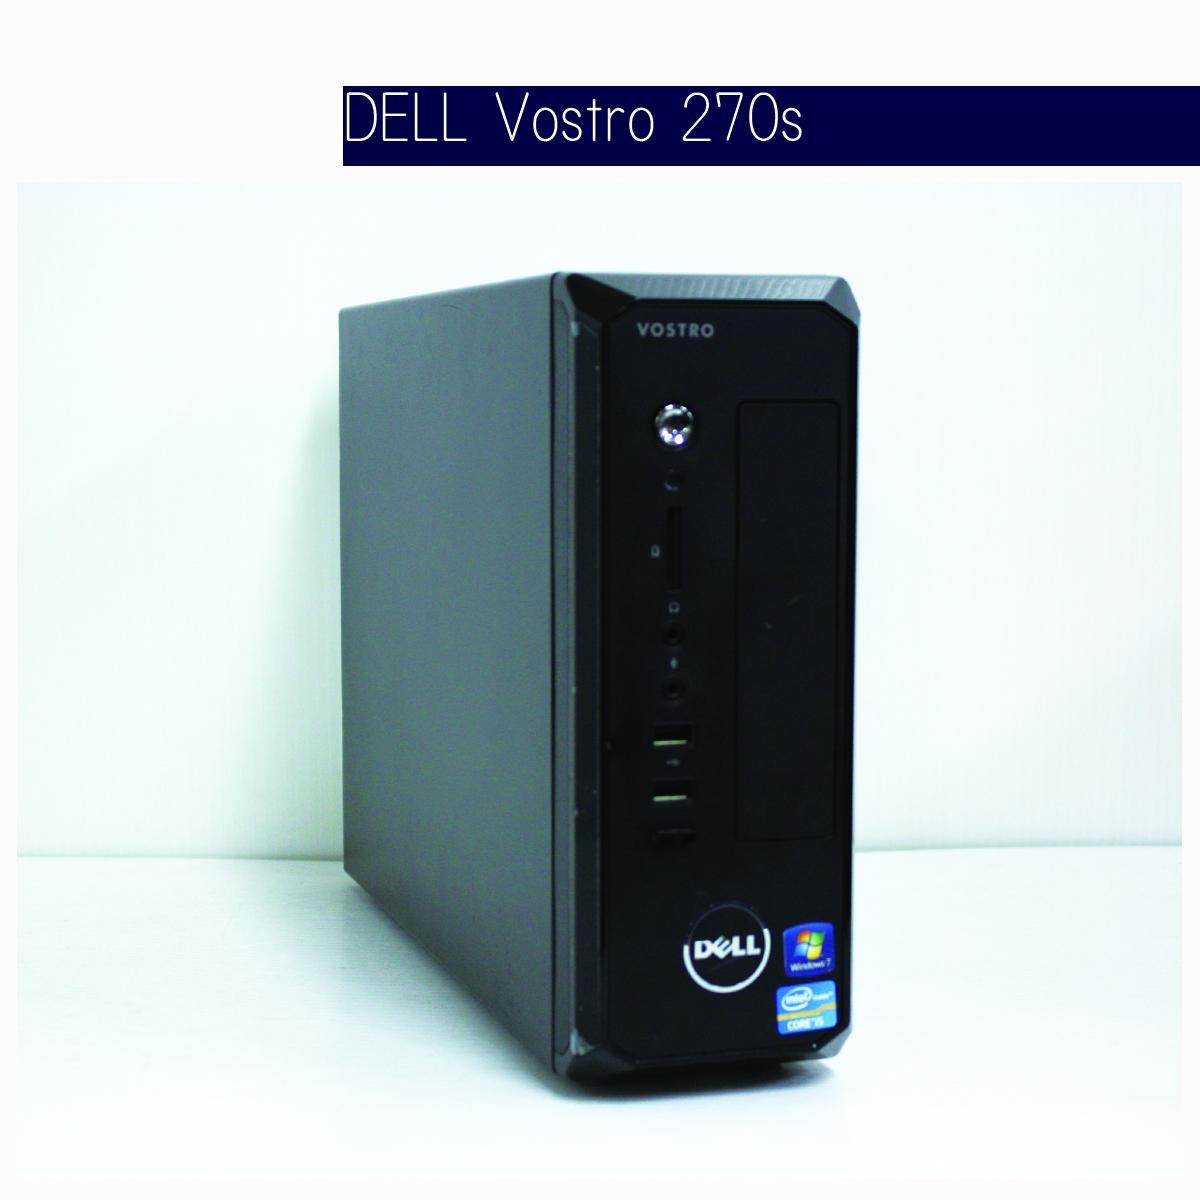 DELL Vostro270s Pentium [3GHz](Win10)